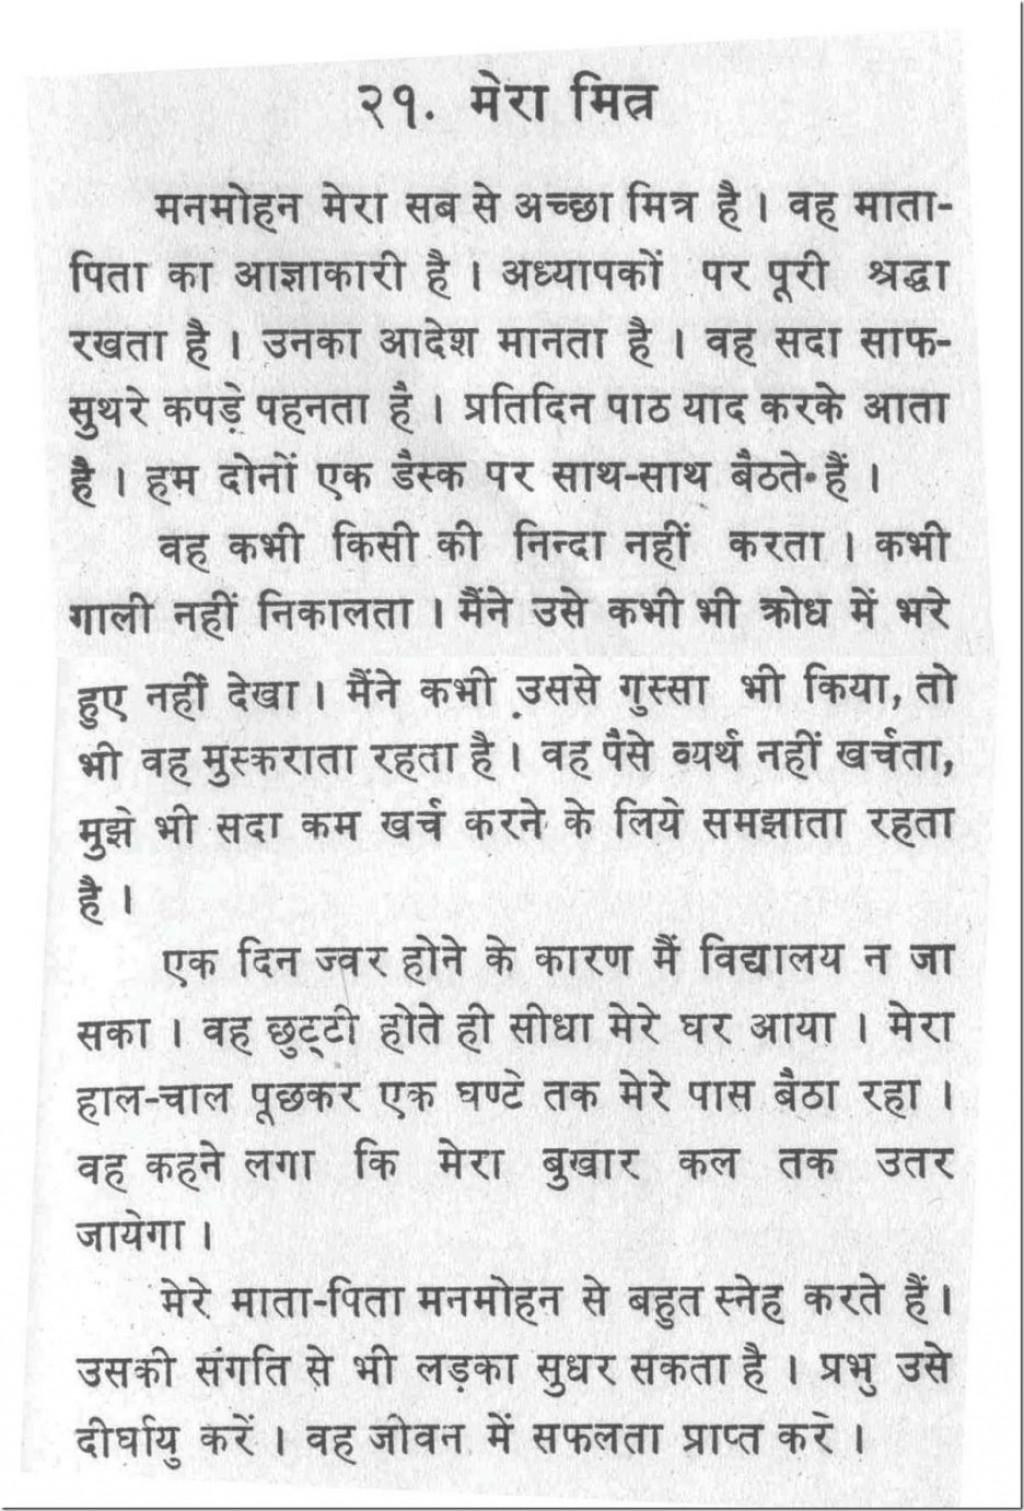 015 Importance Of Exercise Essay Thumb In Marathi Language Urdu Sanskrit Hindi Wikipedia Tamil English The 936x1382 Fascinating On Sports And Malayalam Large